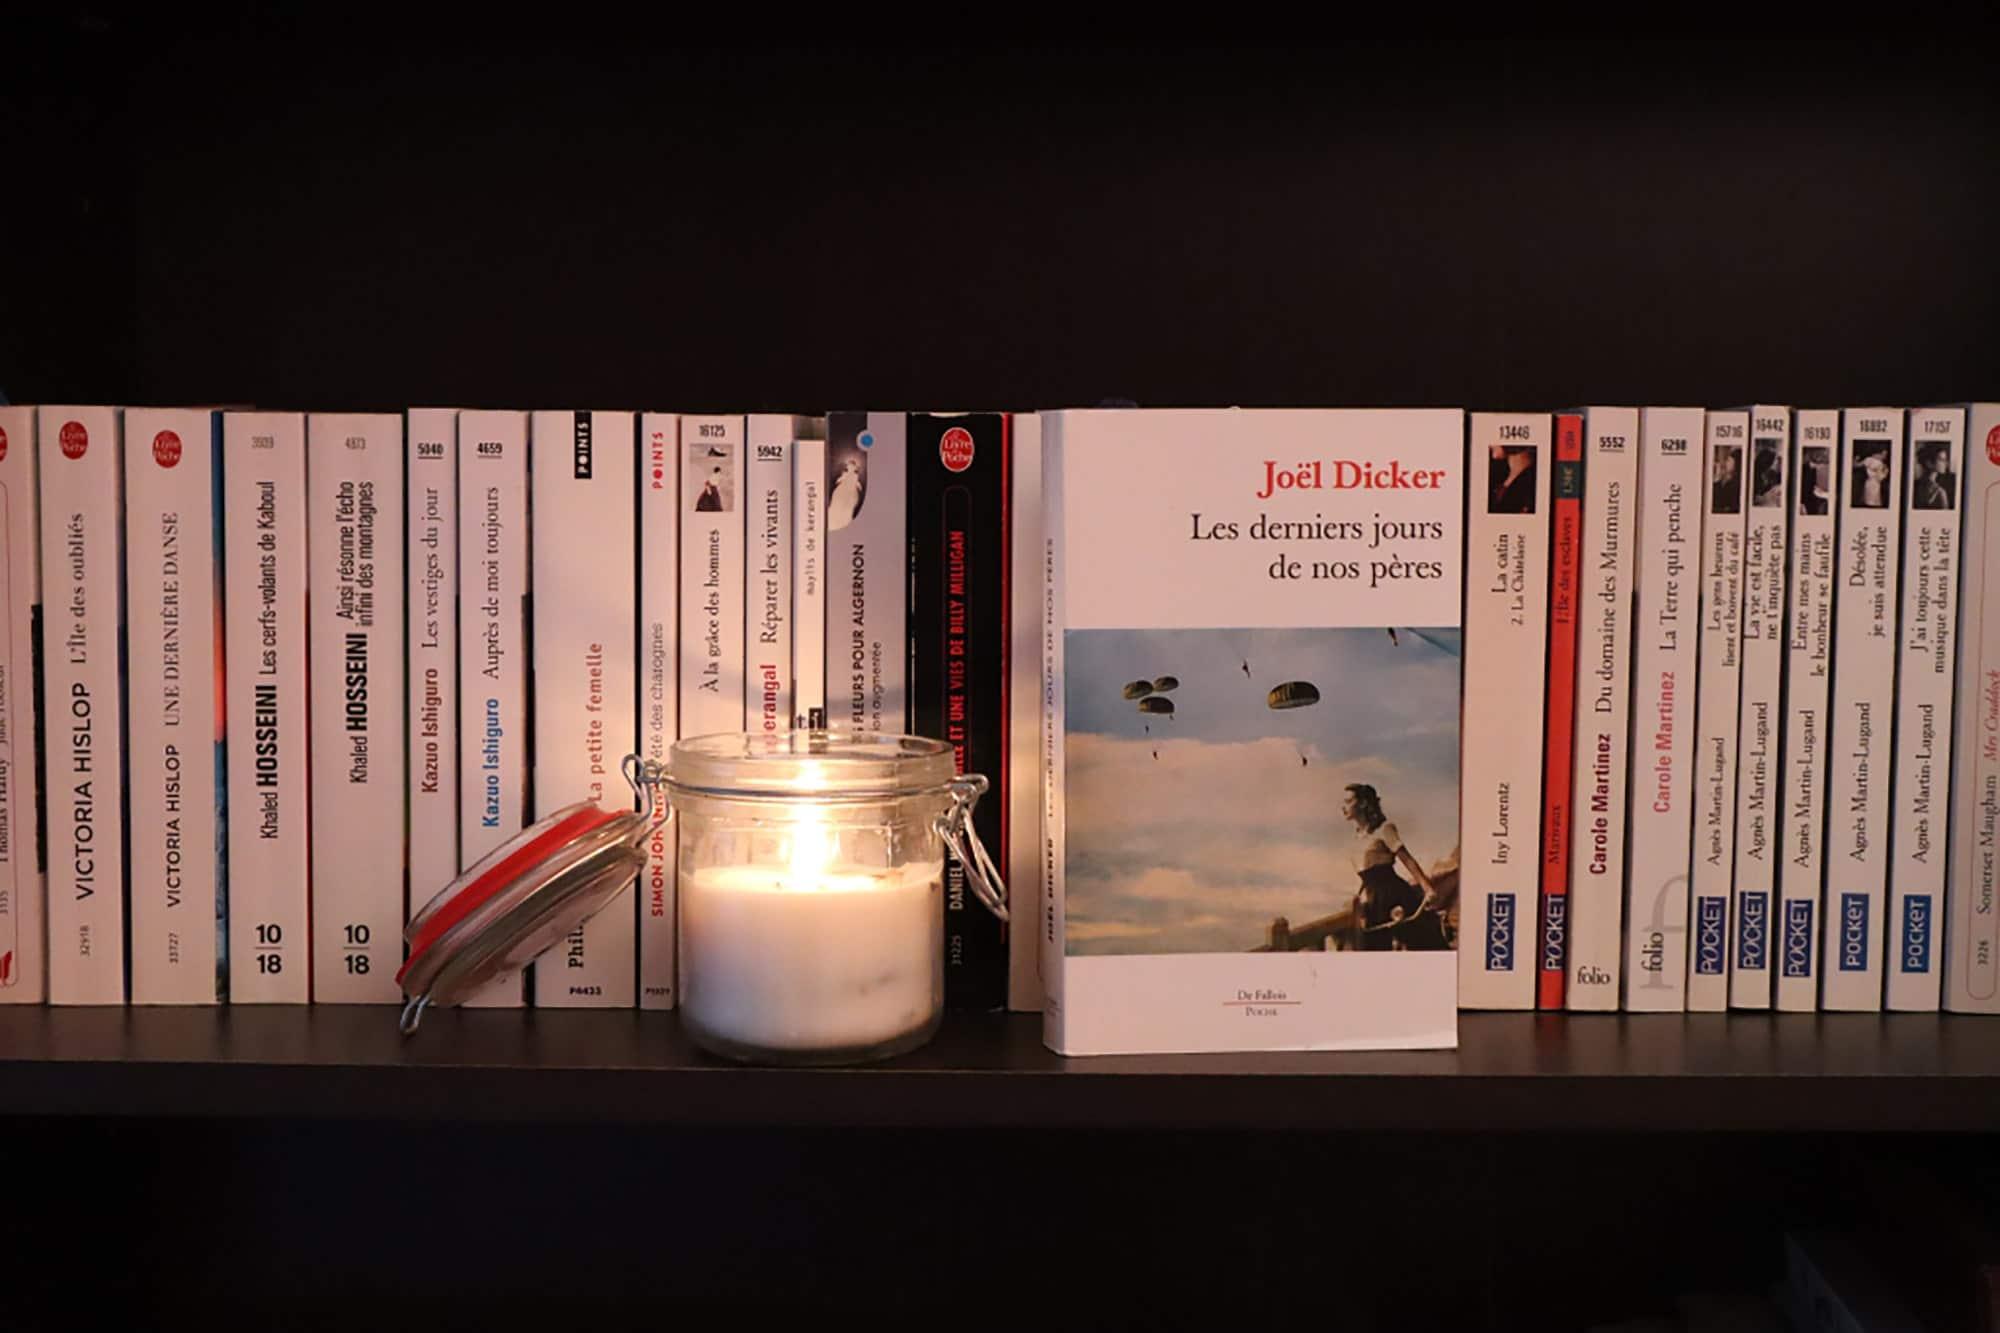 Les derniers jours de nos pères, Joël Dicker – 2015 – Ed. de Fallois, 450 p.